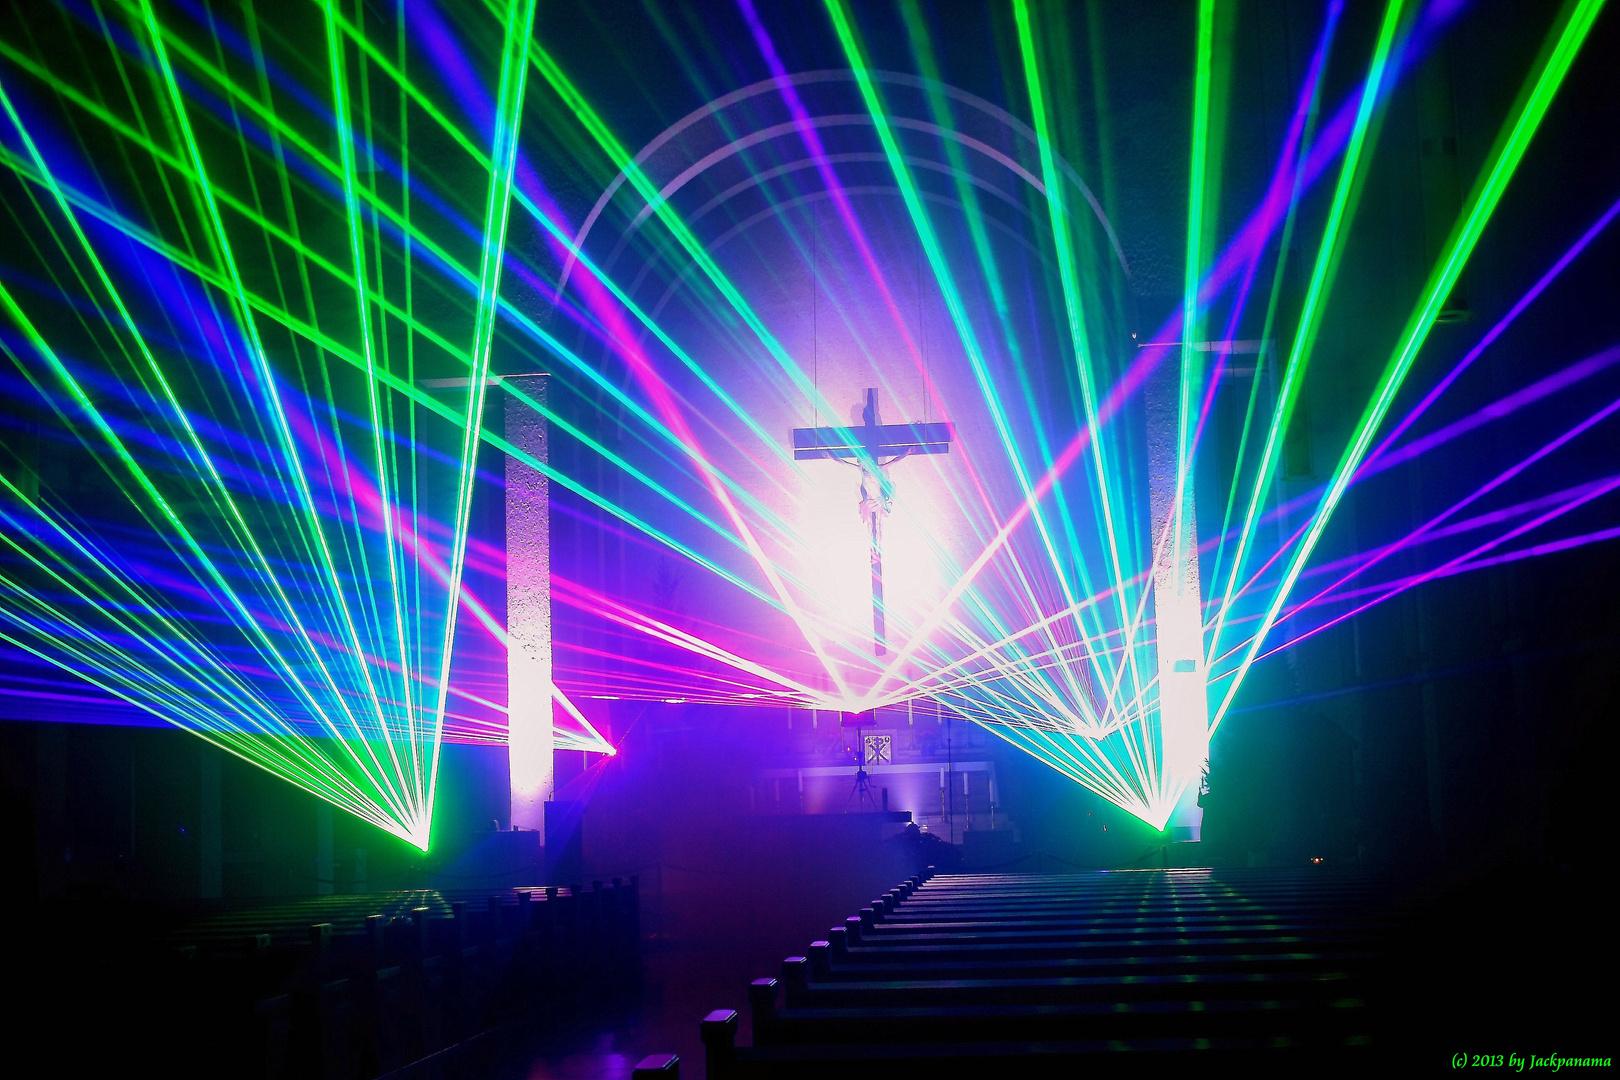 orgel plus laser lichtshow improvisationen zu laser licht licht und schatten foto bild. Black Bedroom Furniture Sets. Home Design Ideas